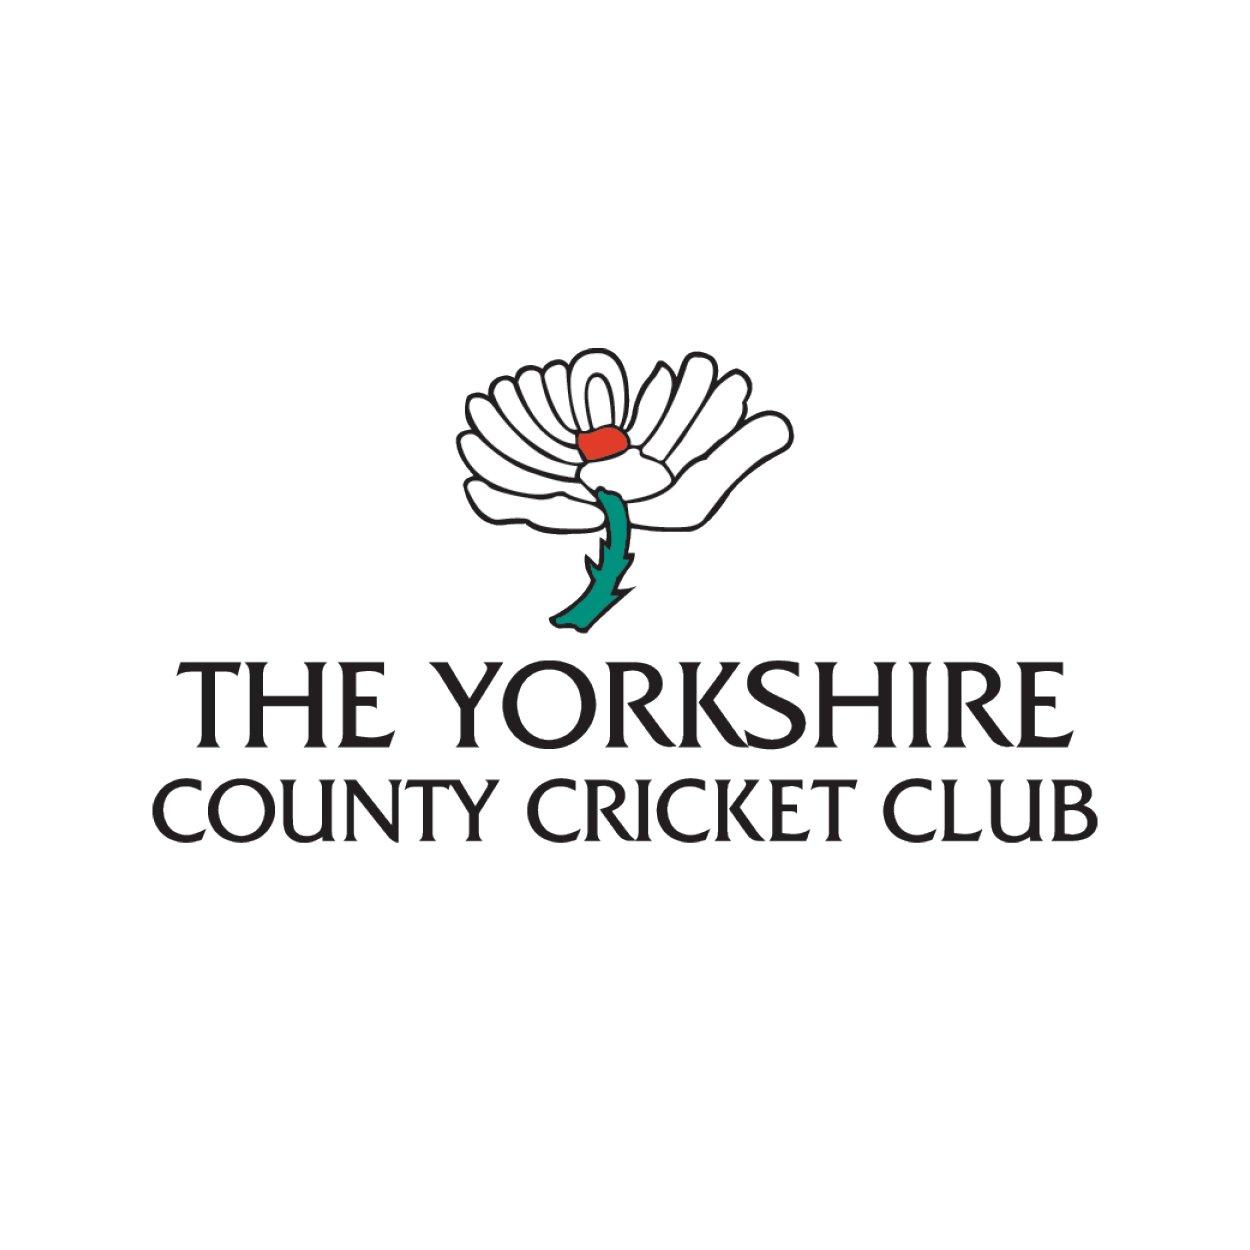 Category: Cricket